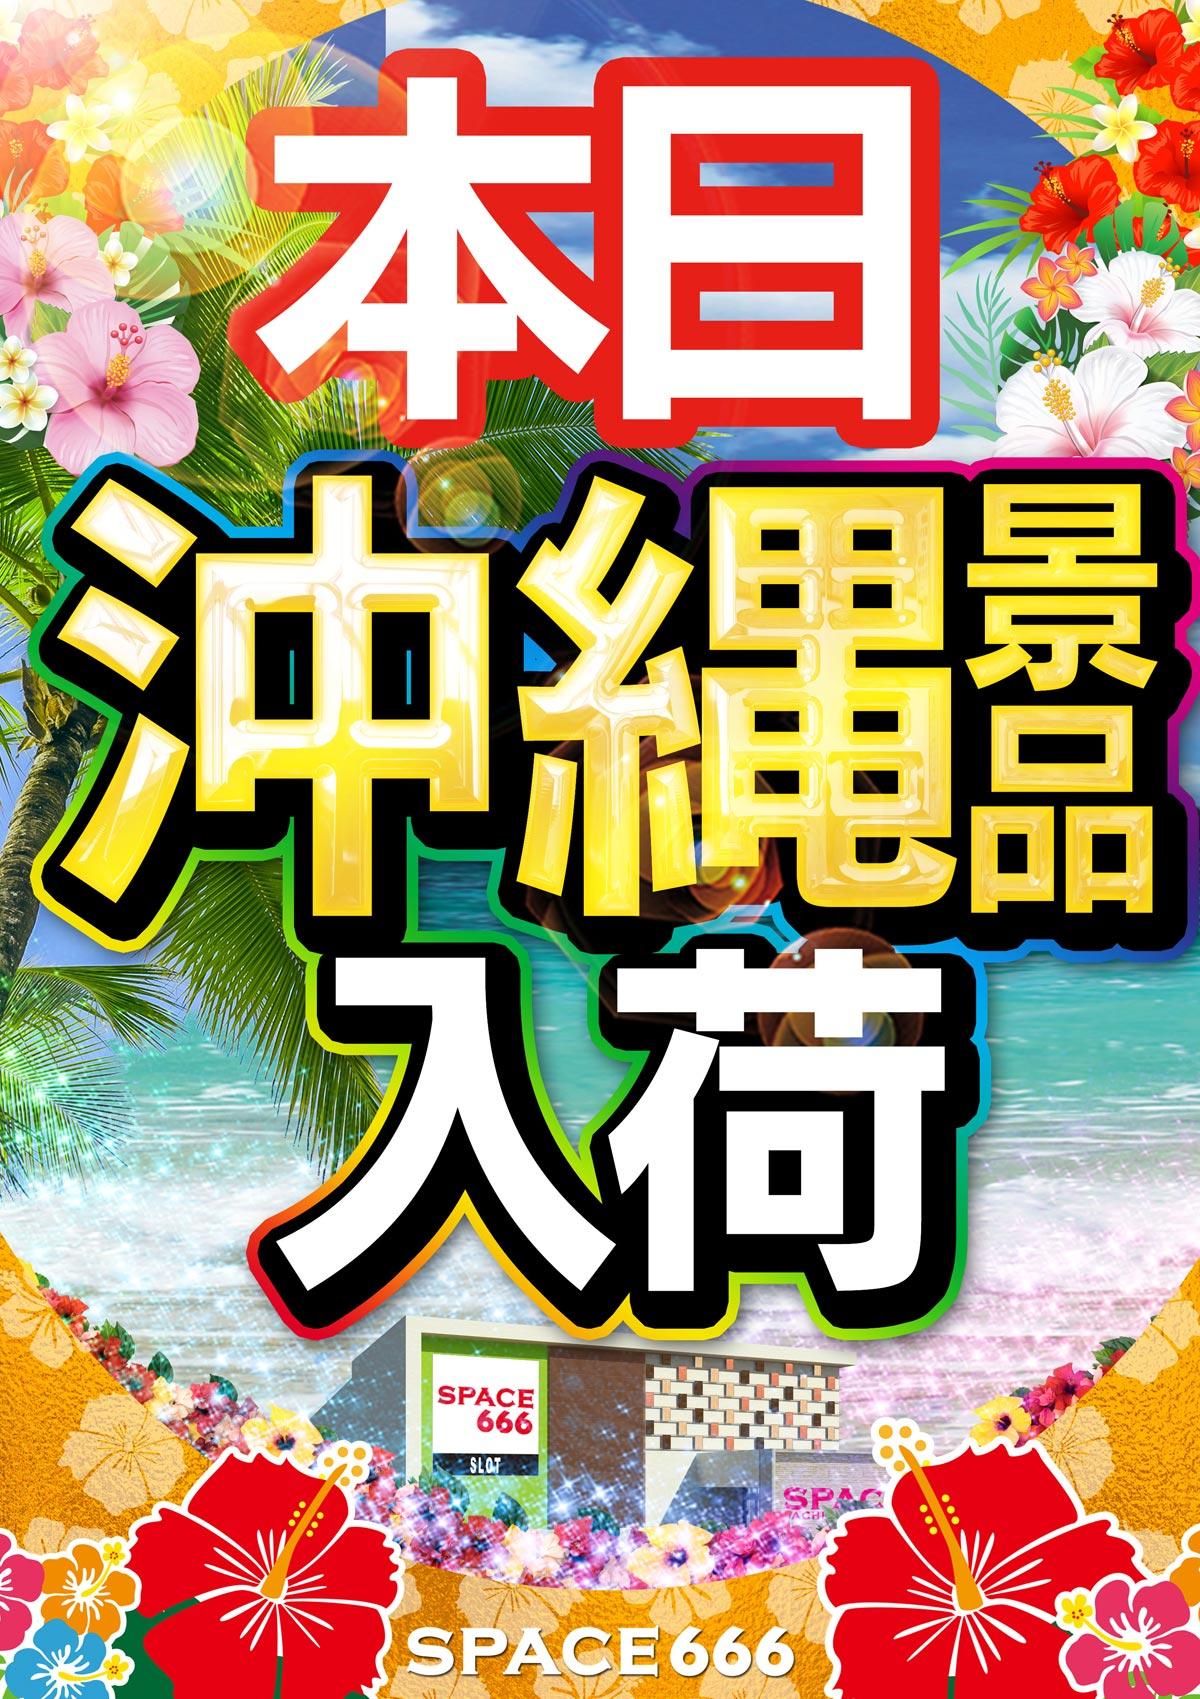 パチンコ店マップ